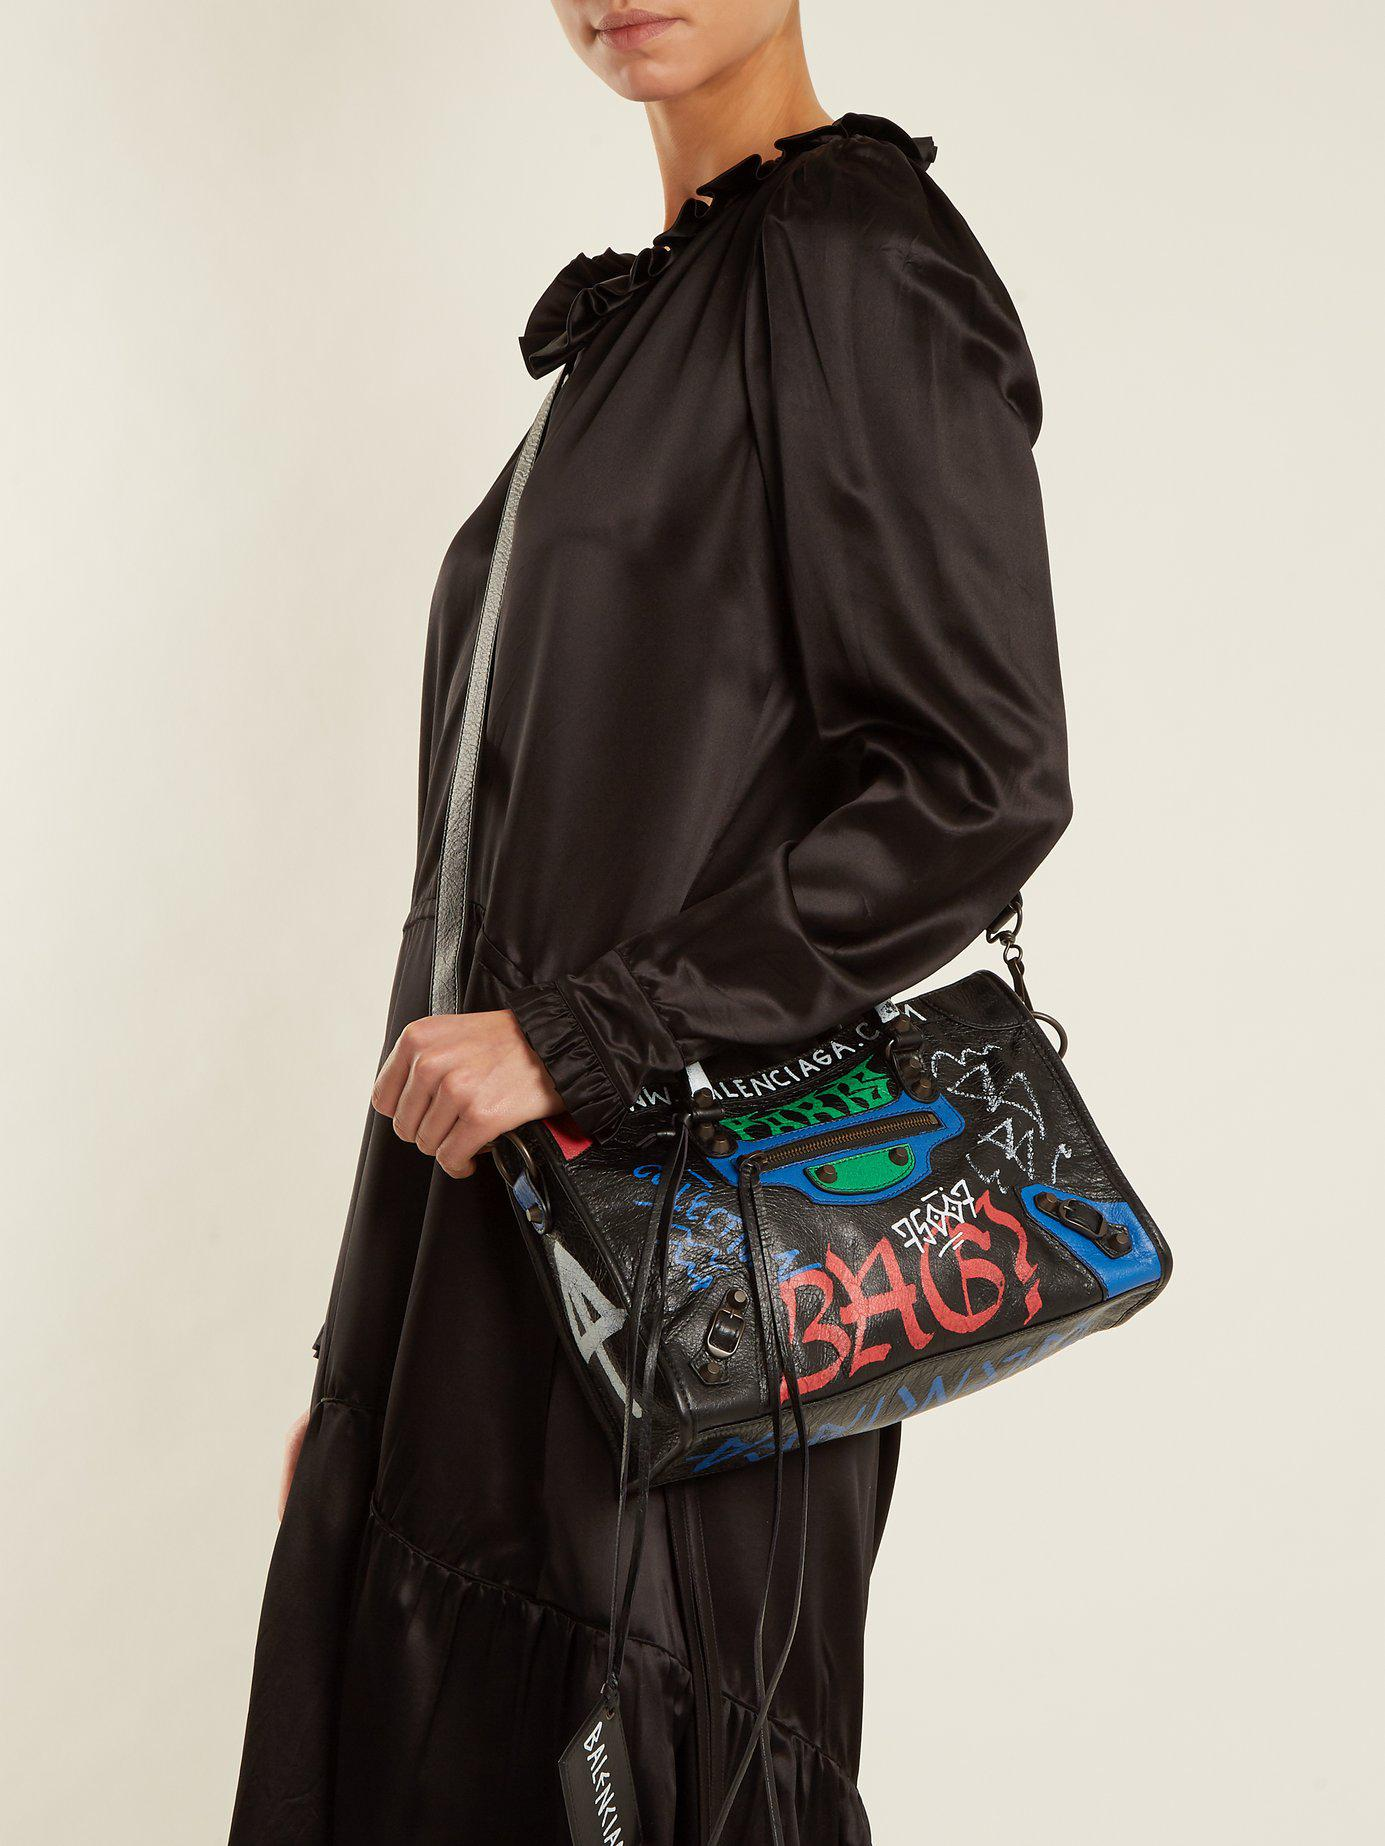 Lyst - Balenciaga Classic City S Bag Graffiti in Black 50ef32136f01e